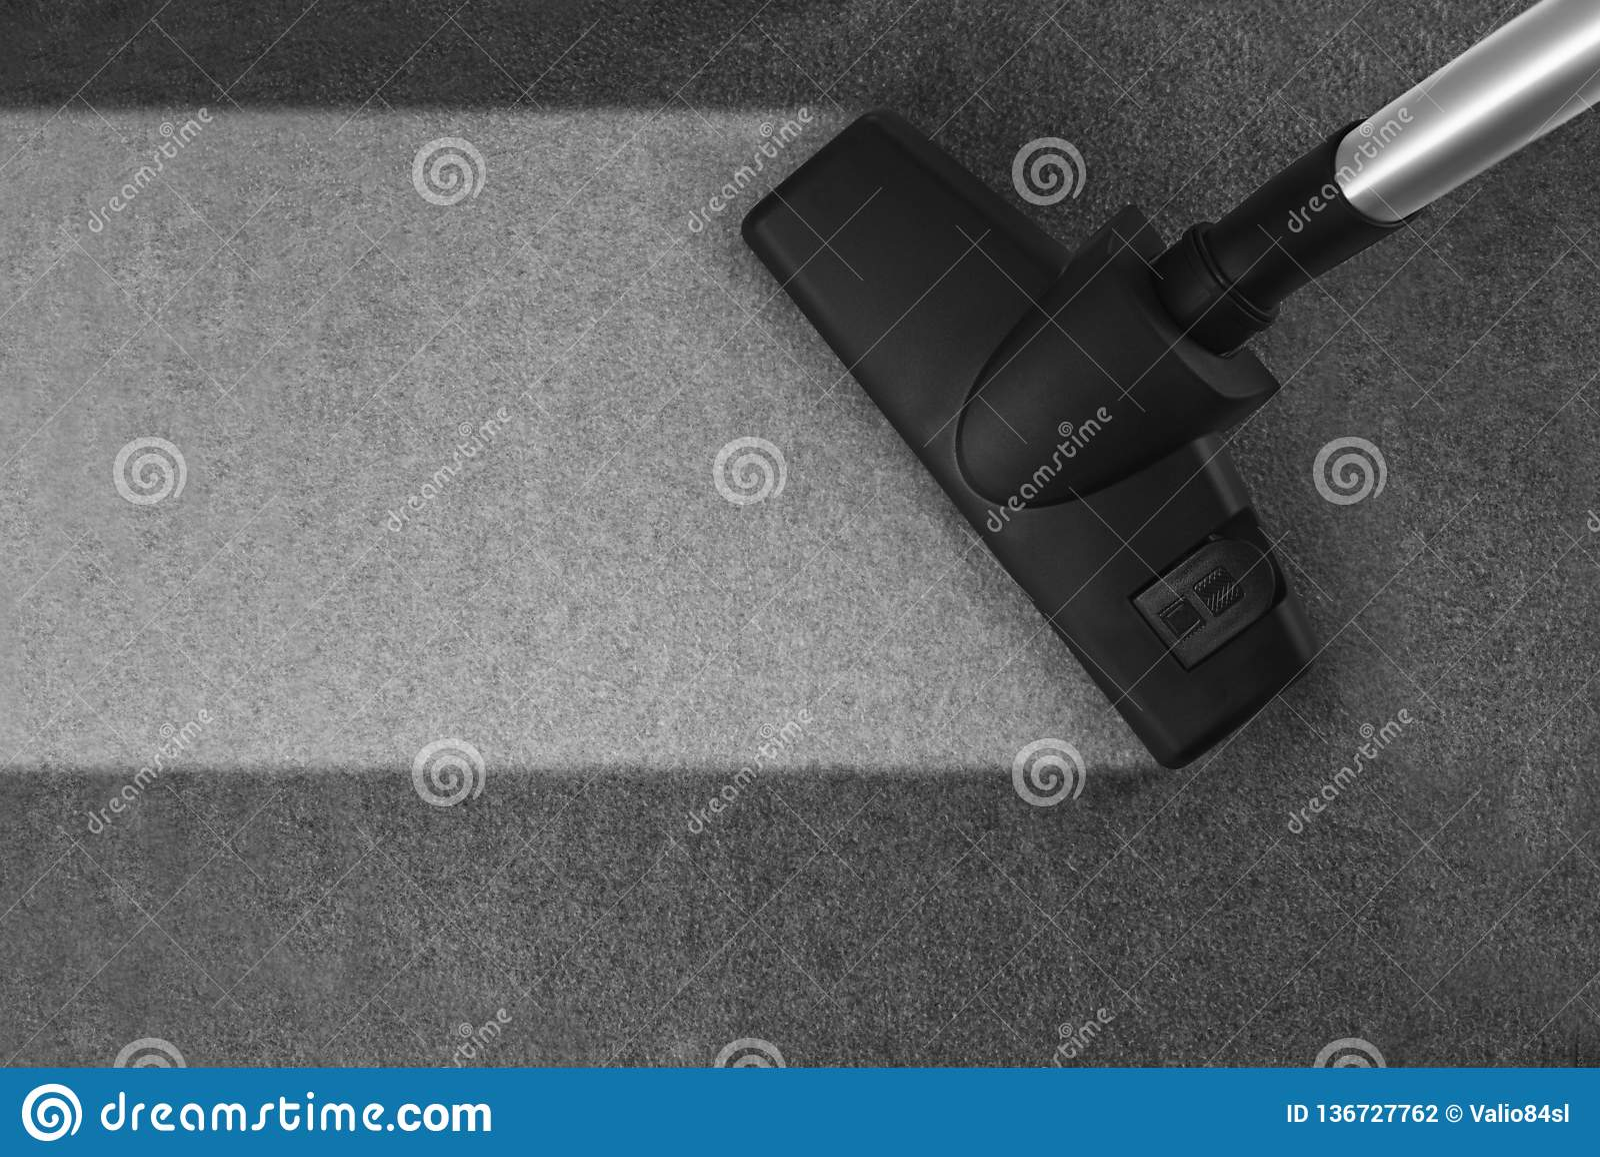 Legen Sie Reinigung mit Staubsauger mit Teppich aus und kopieren Sie Raum